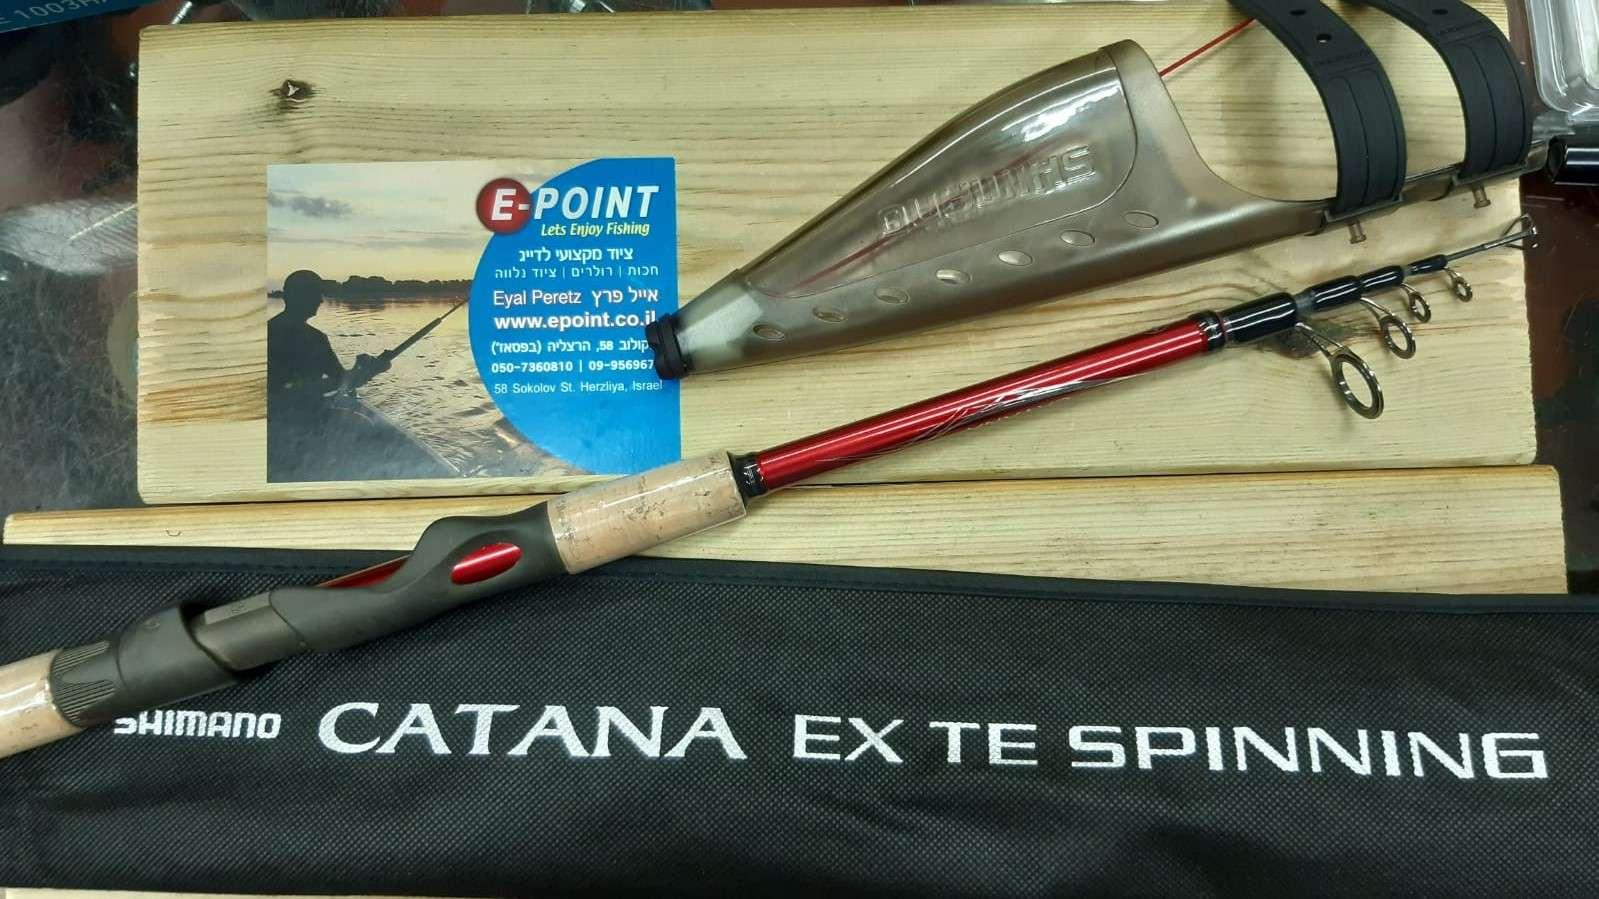 shimano Catana EX TE Spinning 240